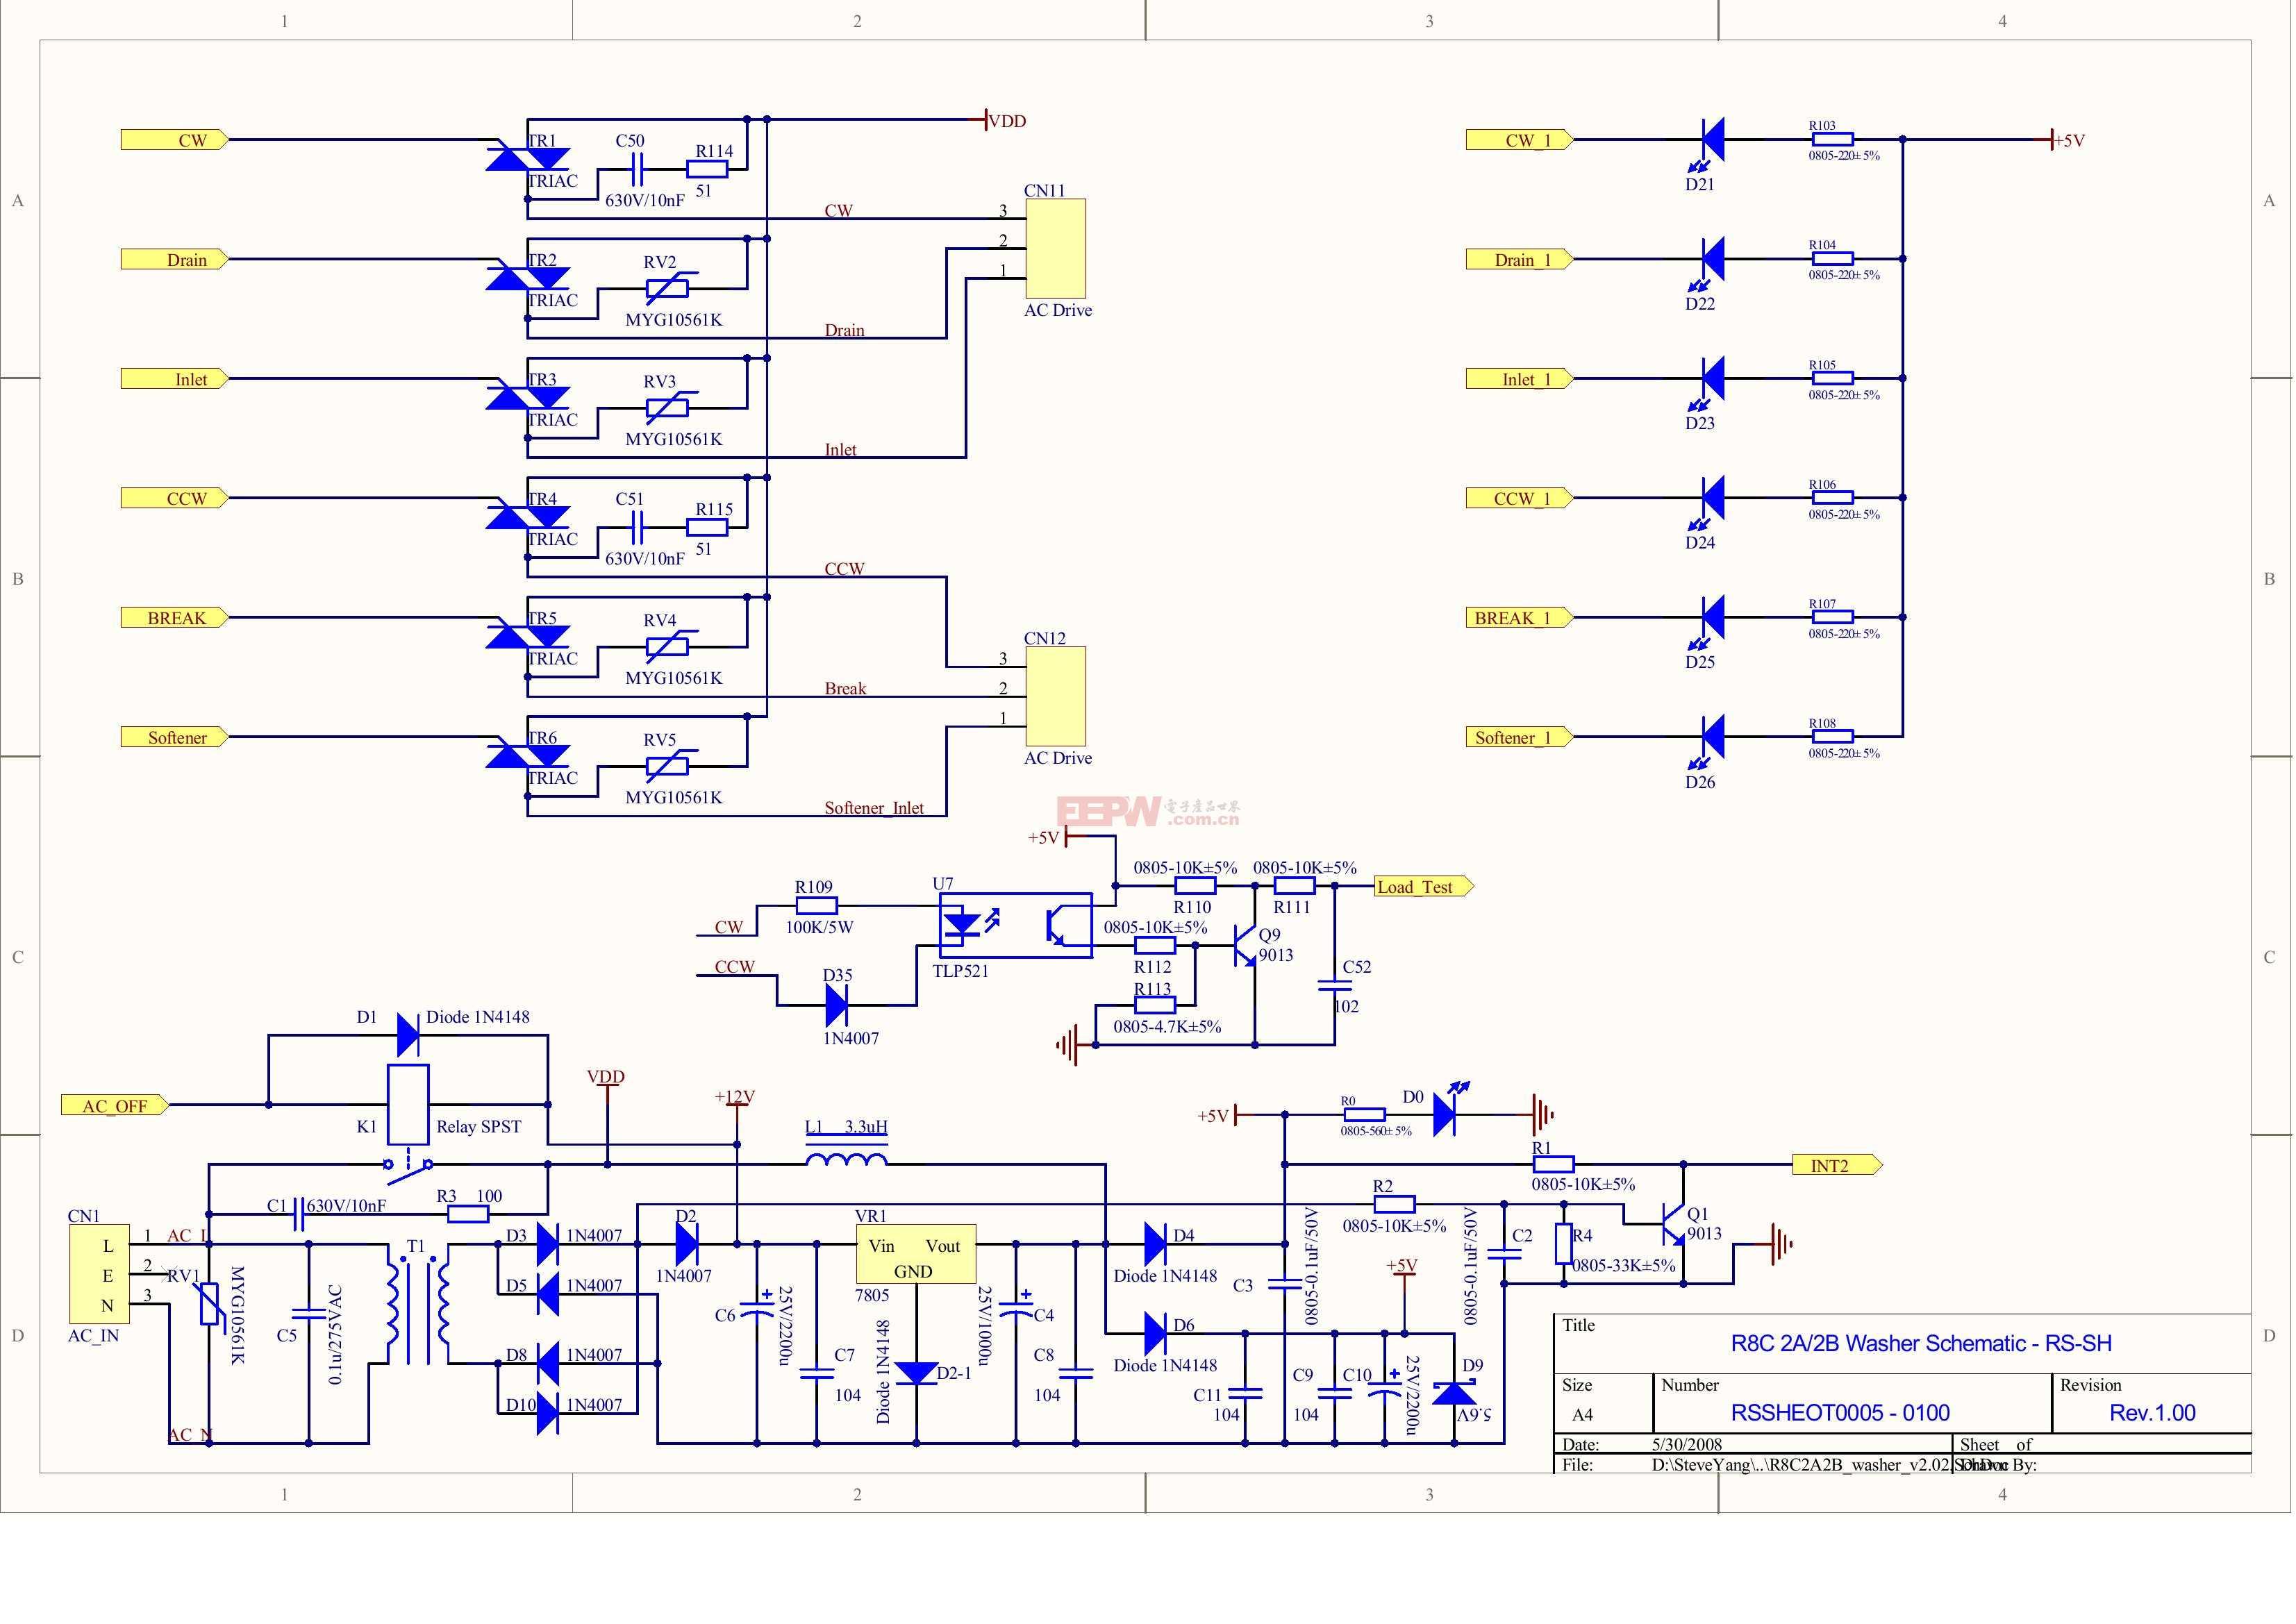 r8c/2a/2b洗衣机mcu电路板电路图